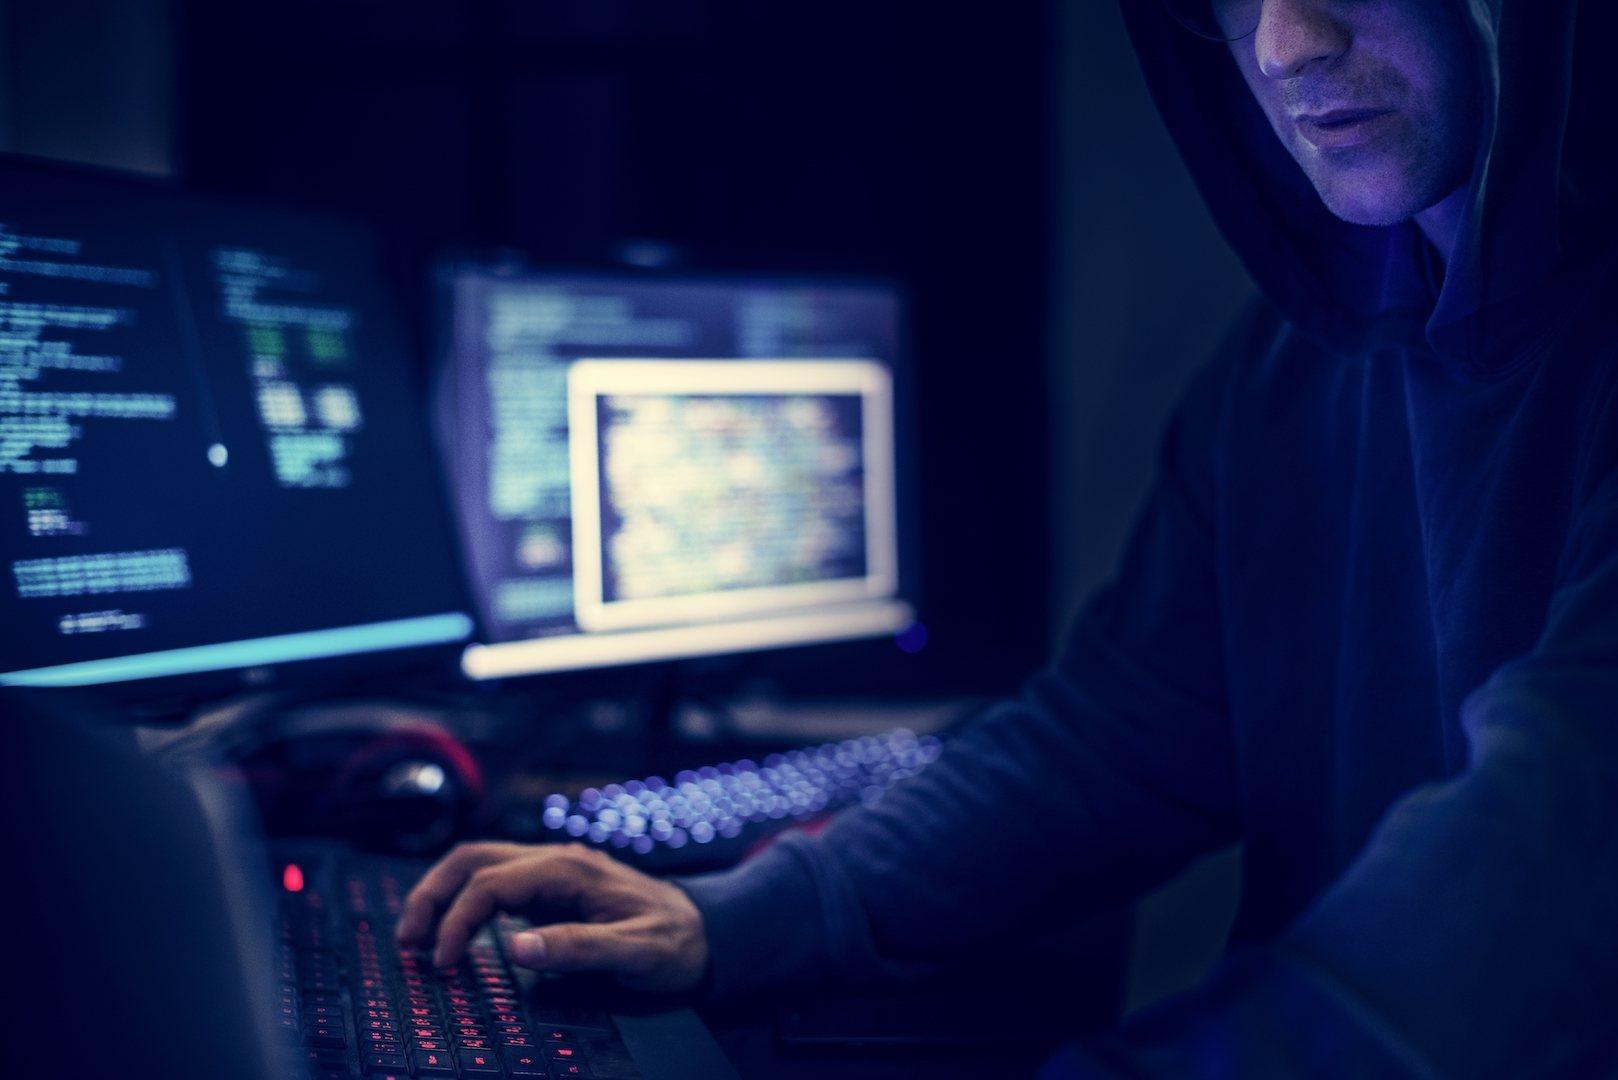 Novos ataques de hackers são esperados num futuro próximo